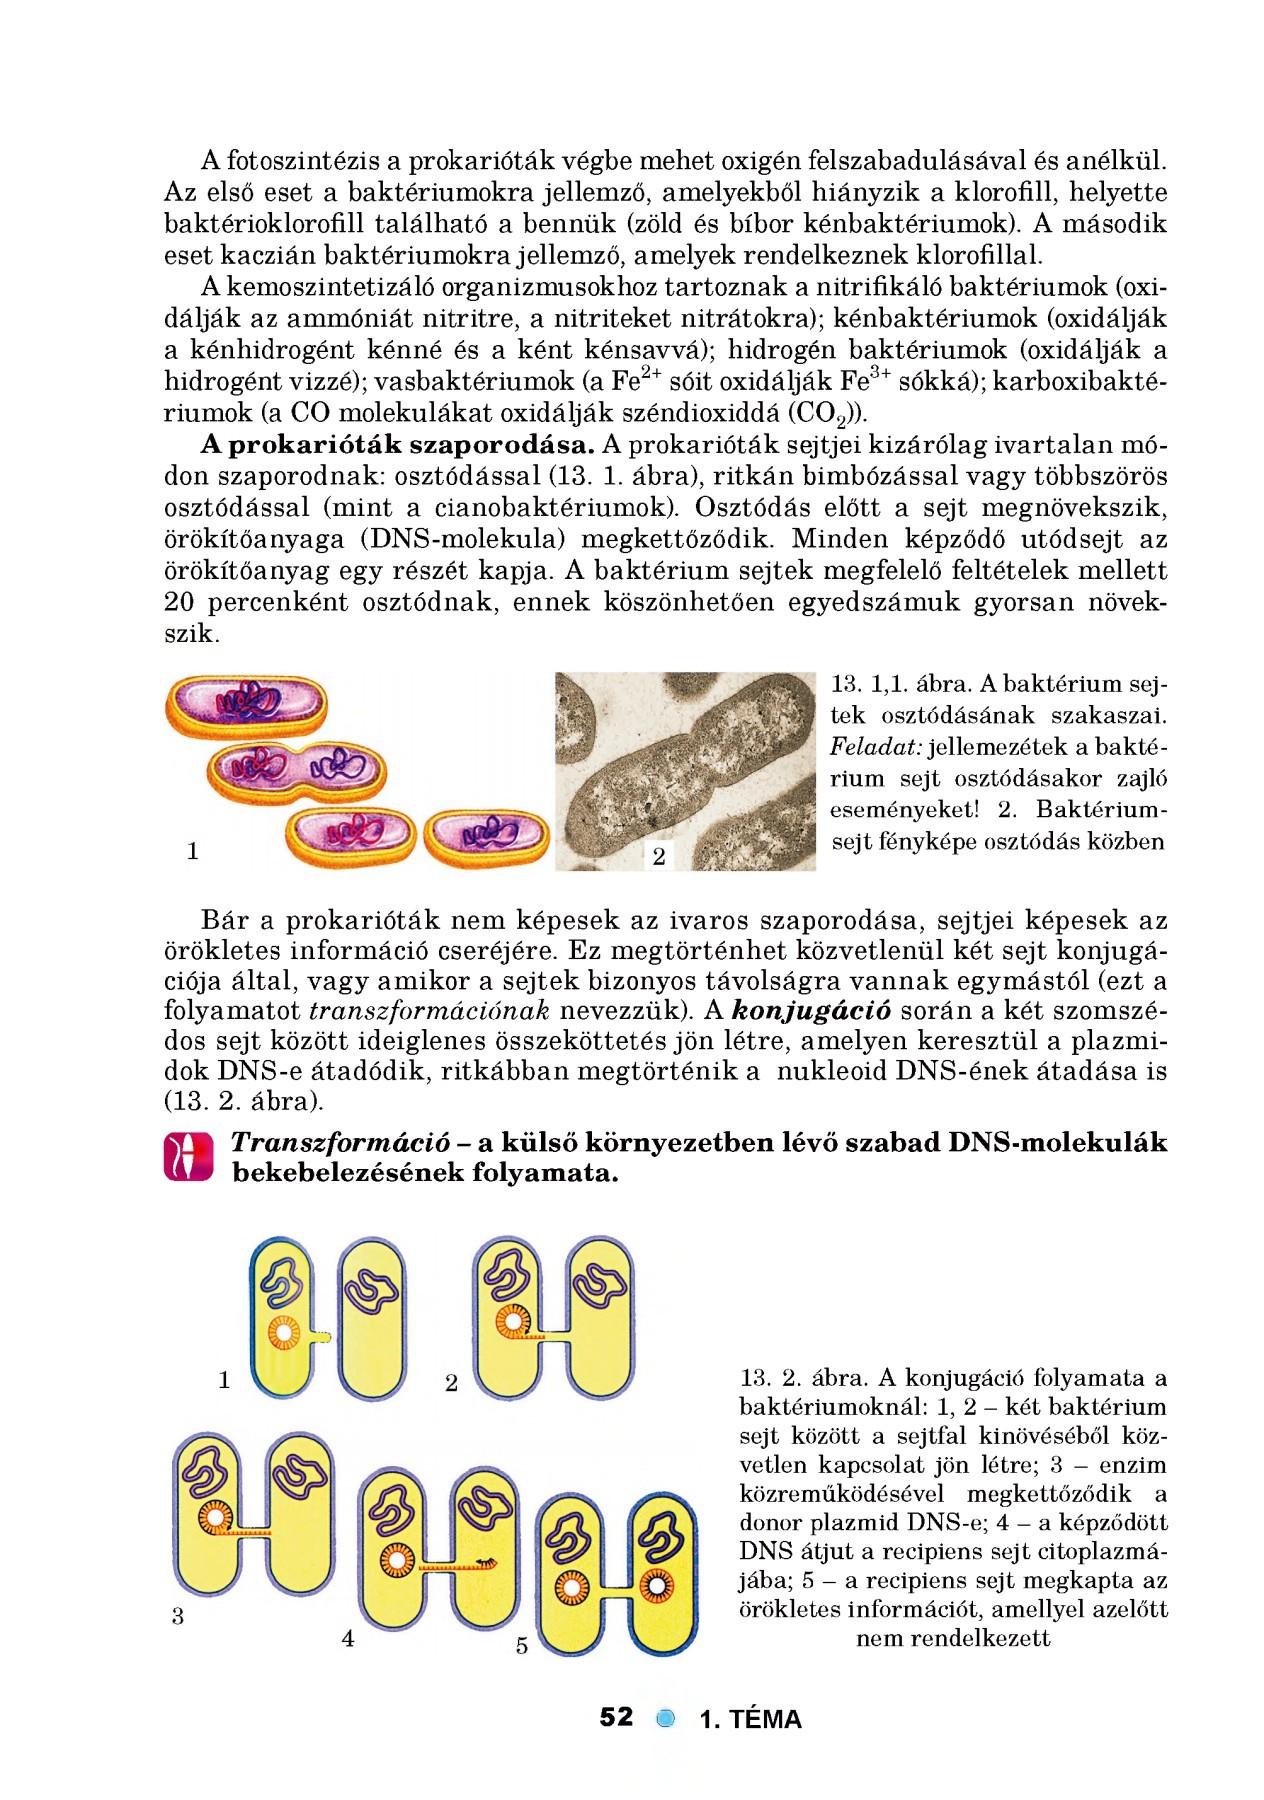 Baktériumok, Az organizmusok paraziták a baktériumokat